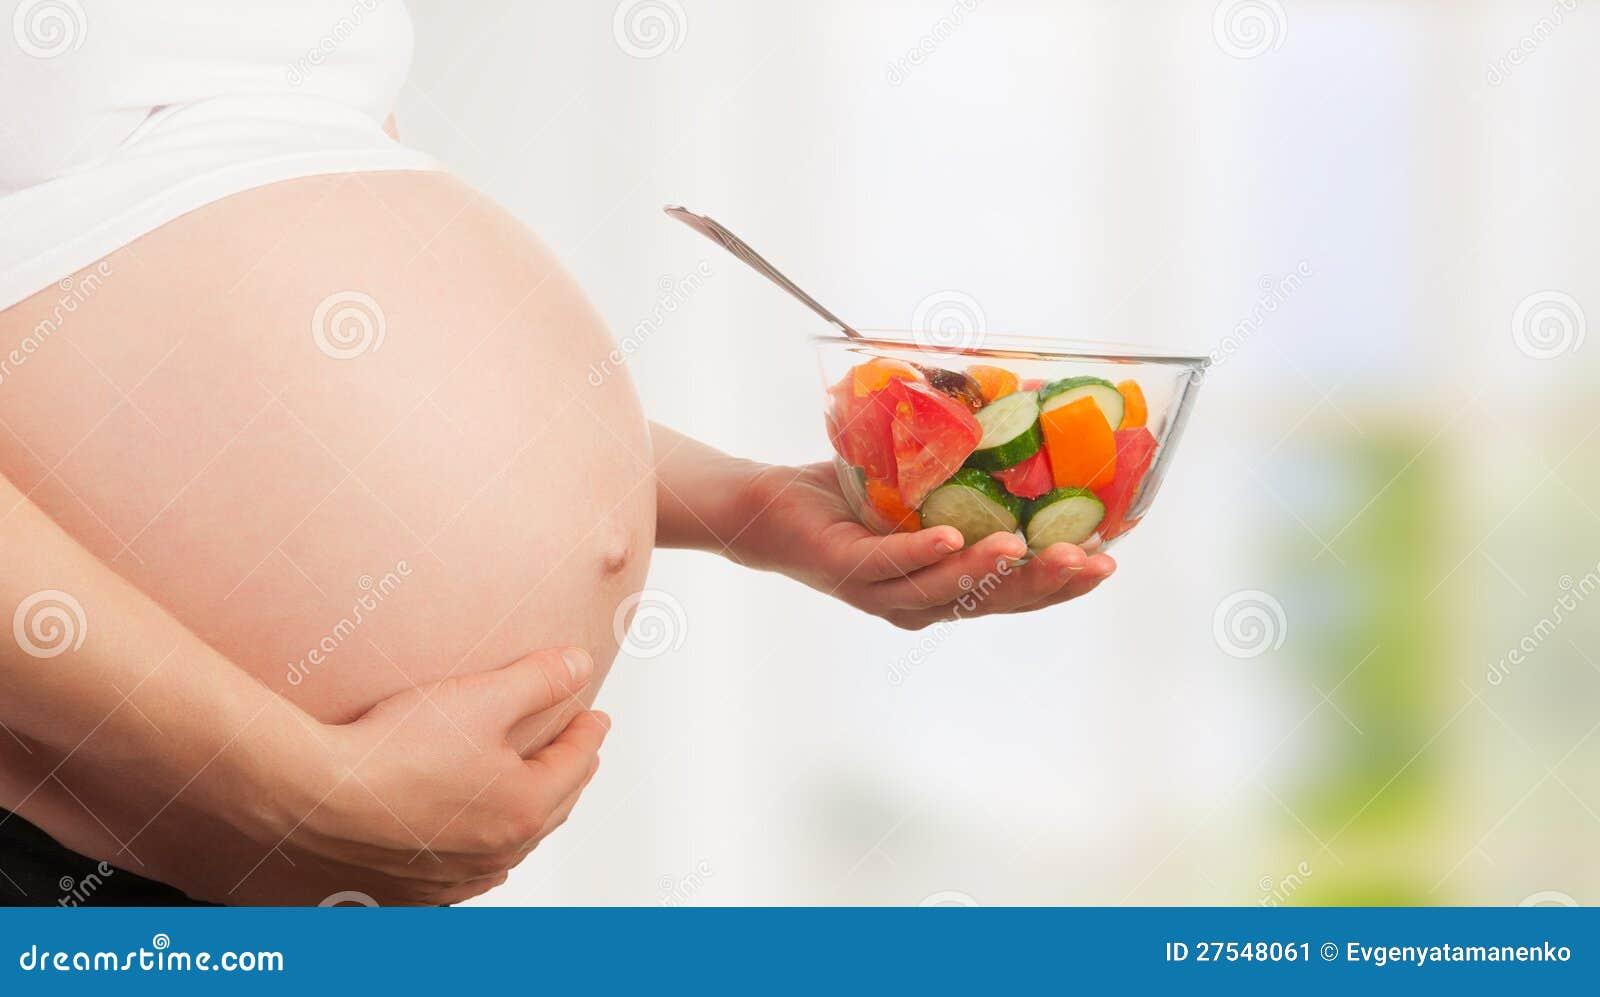 Gesunde Nahrung und Schwangerschaft.